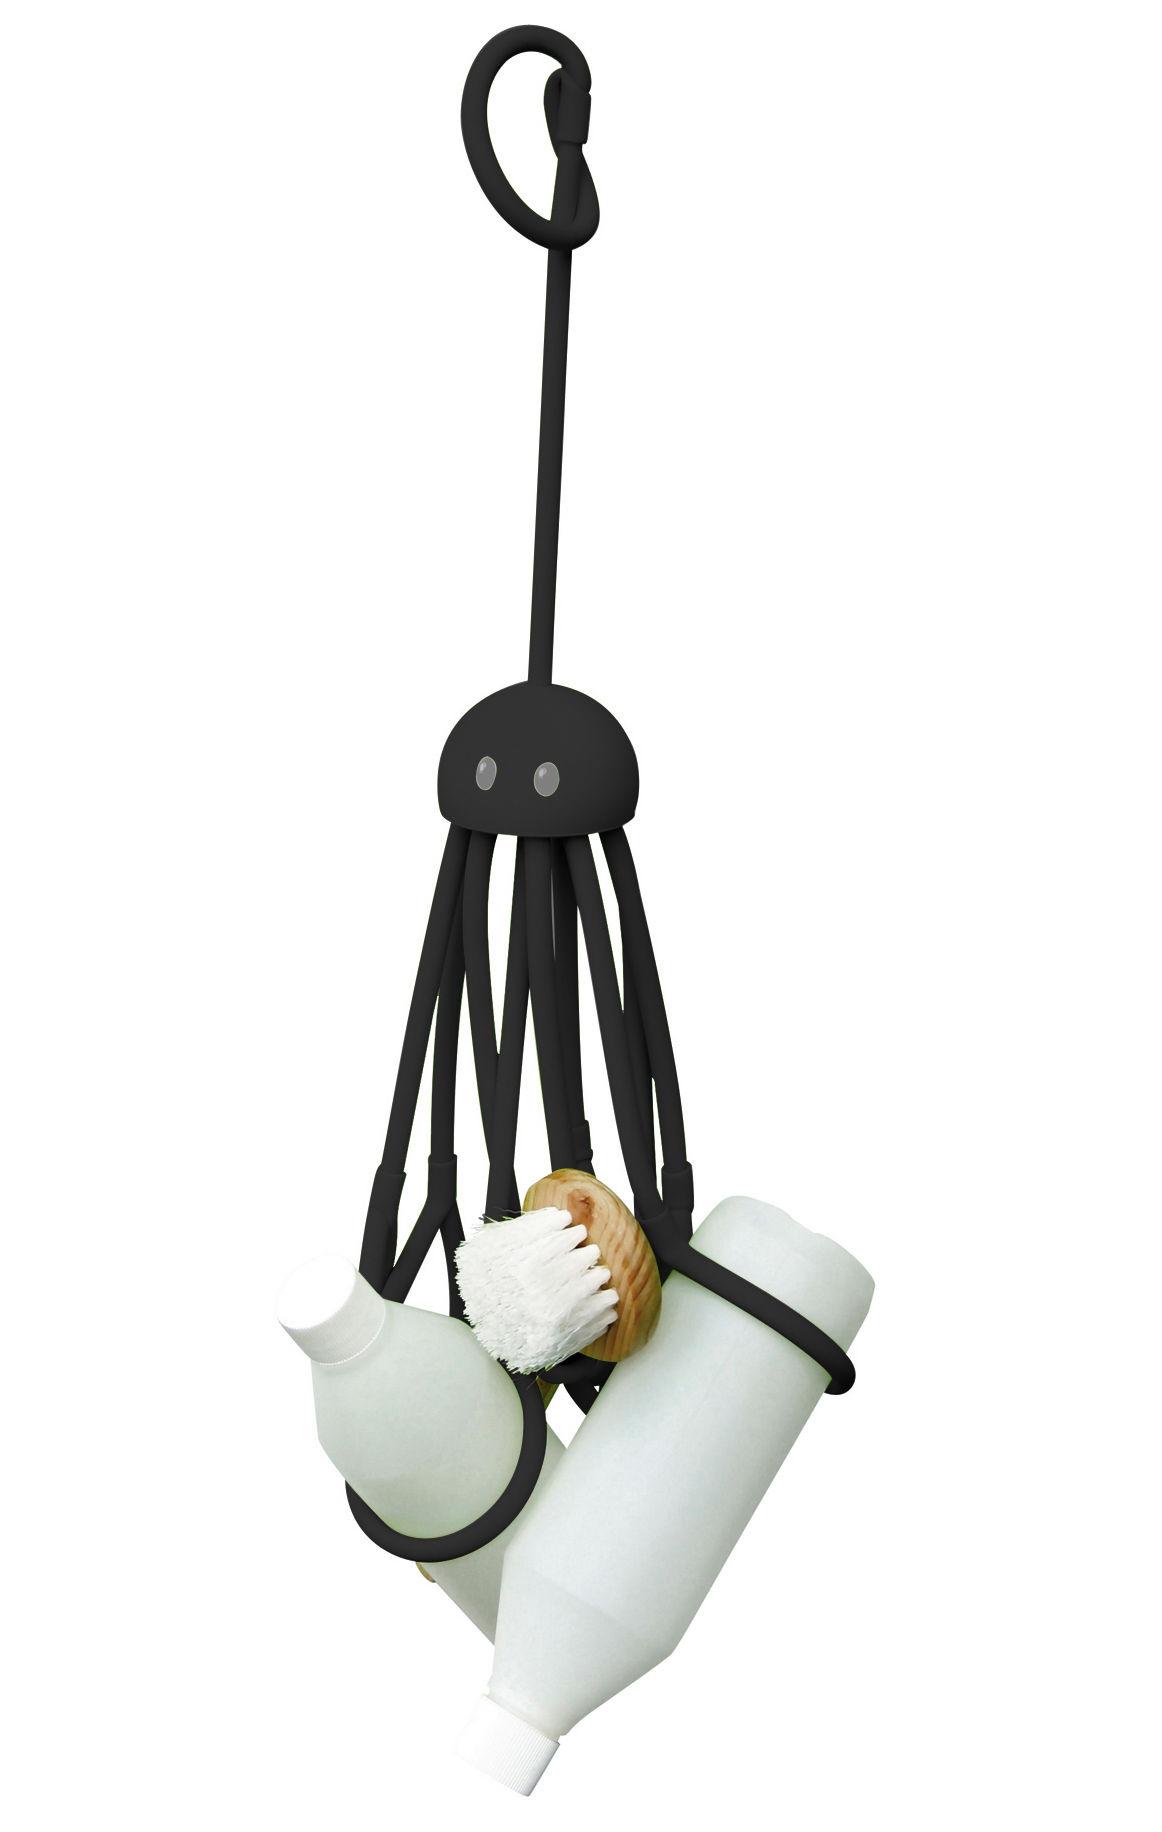 Déco - Salle de bains - Porte-objets Octopus pieuvre de douche - Pa Design - Noir - Caoutchouc